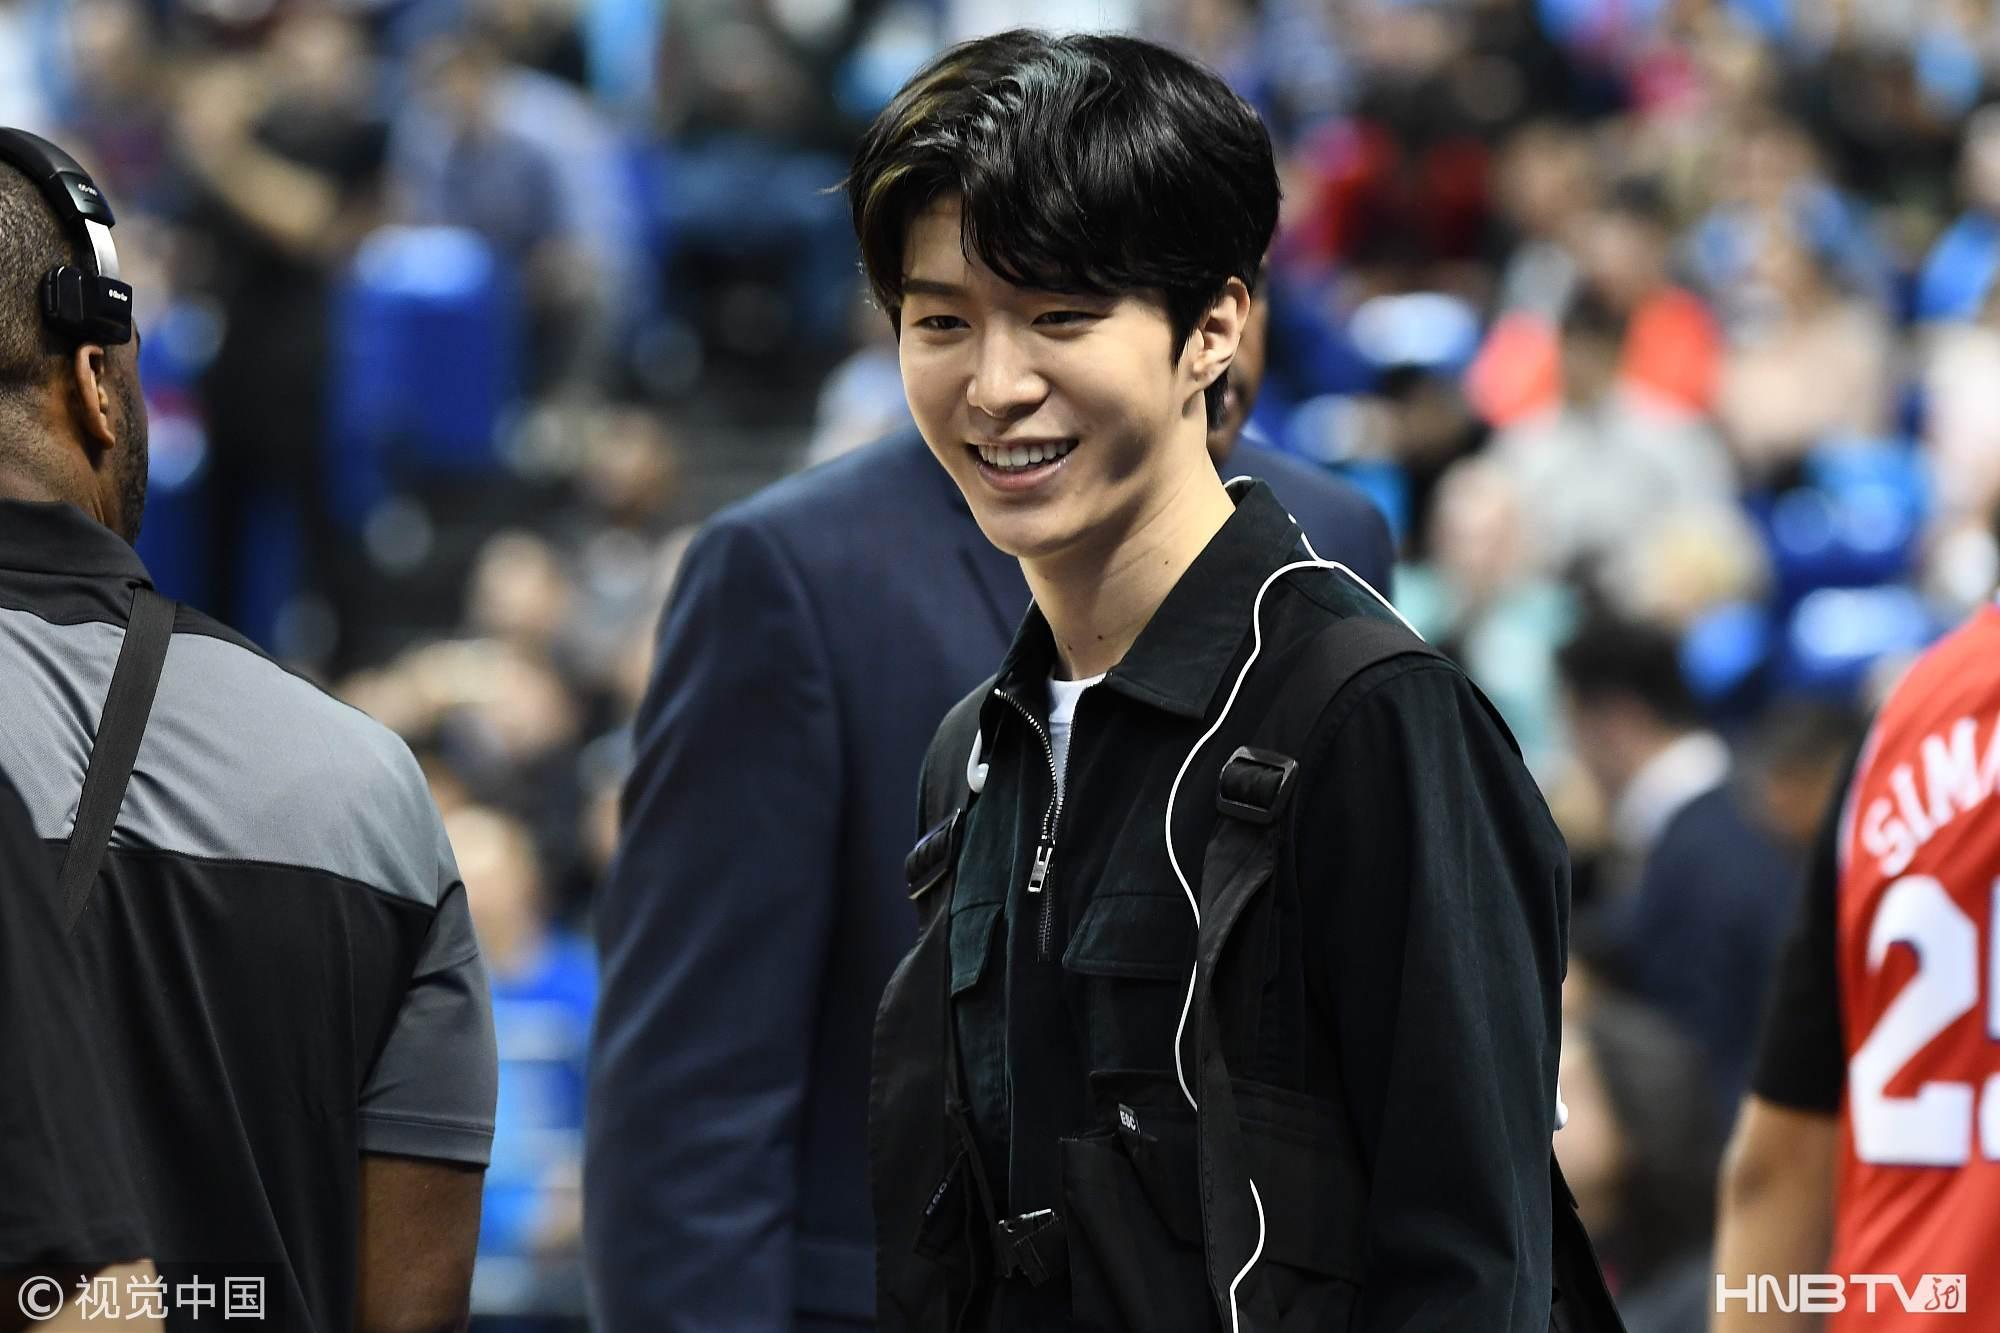 范丞丞染回黑发观战NBA中国赛 不受姐姐范冰冰风波影响展笑容